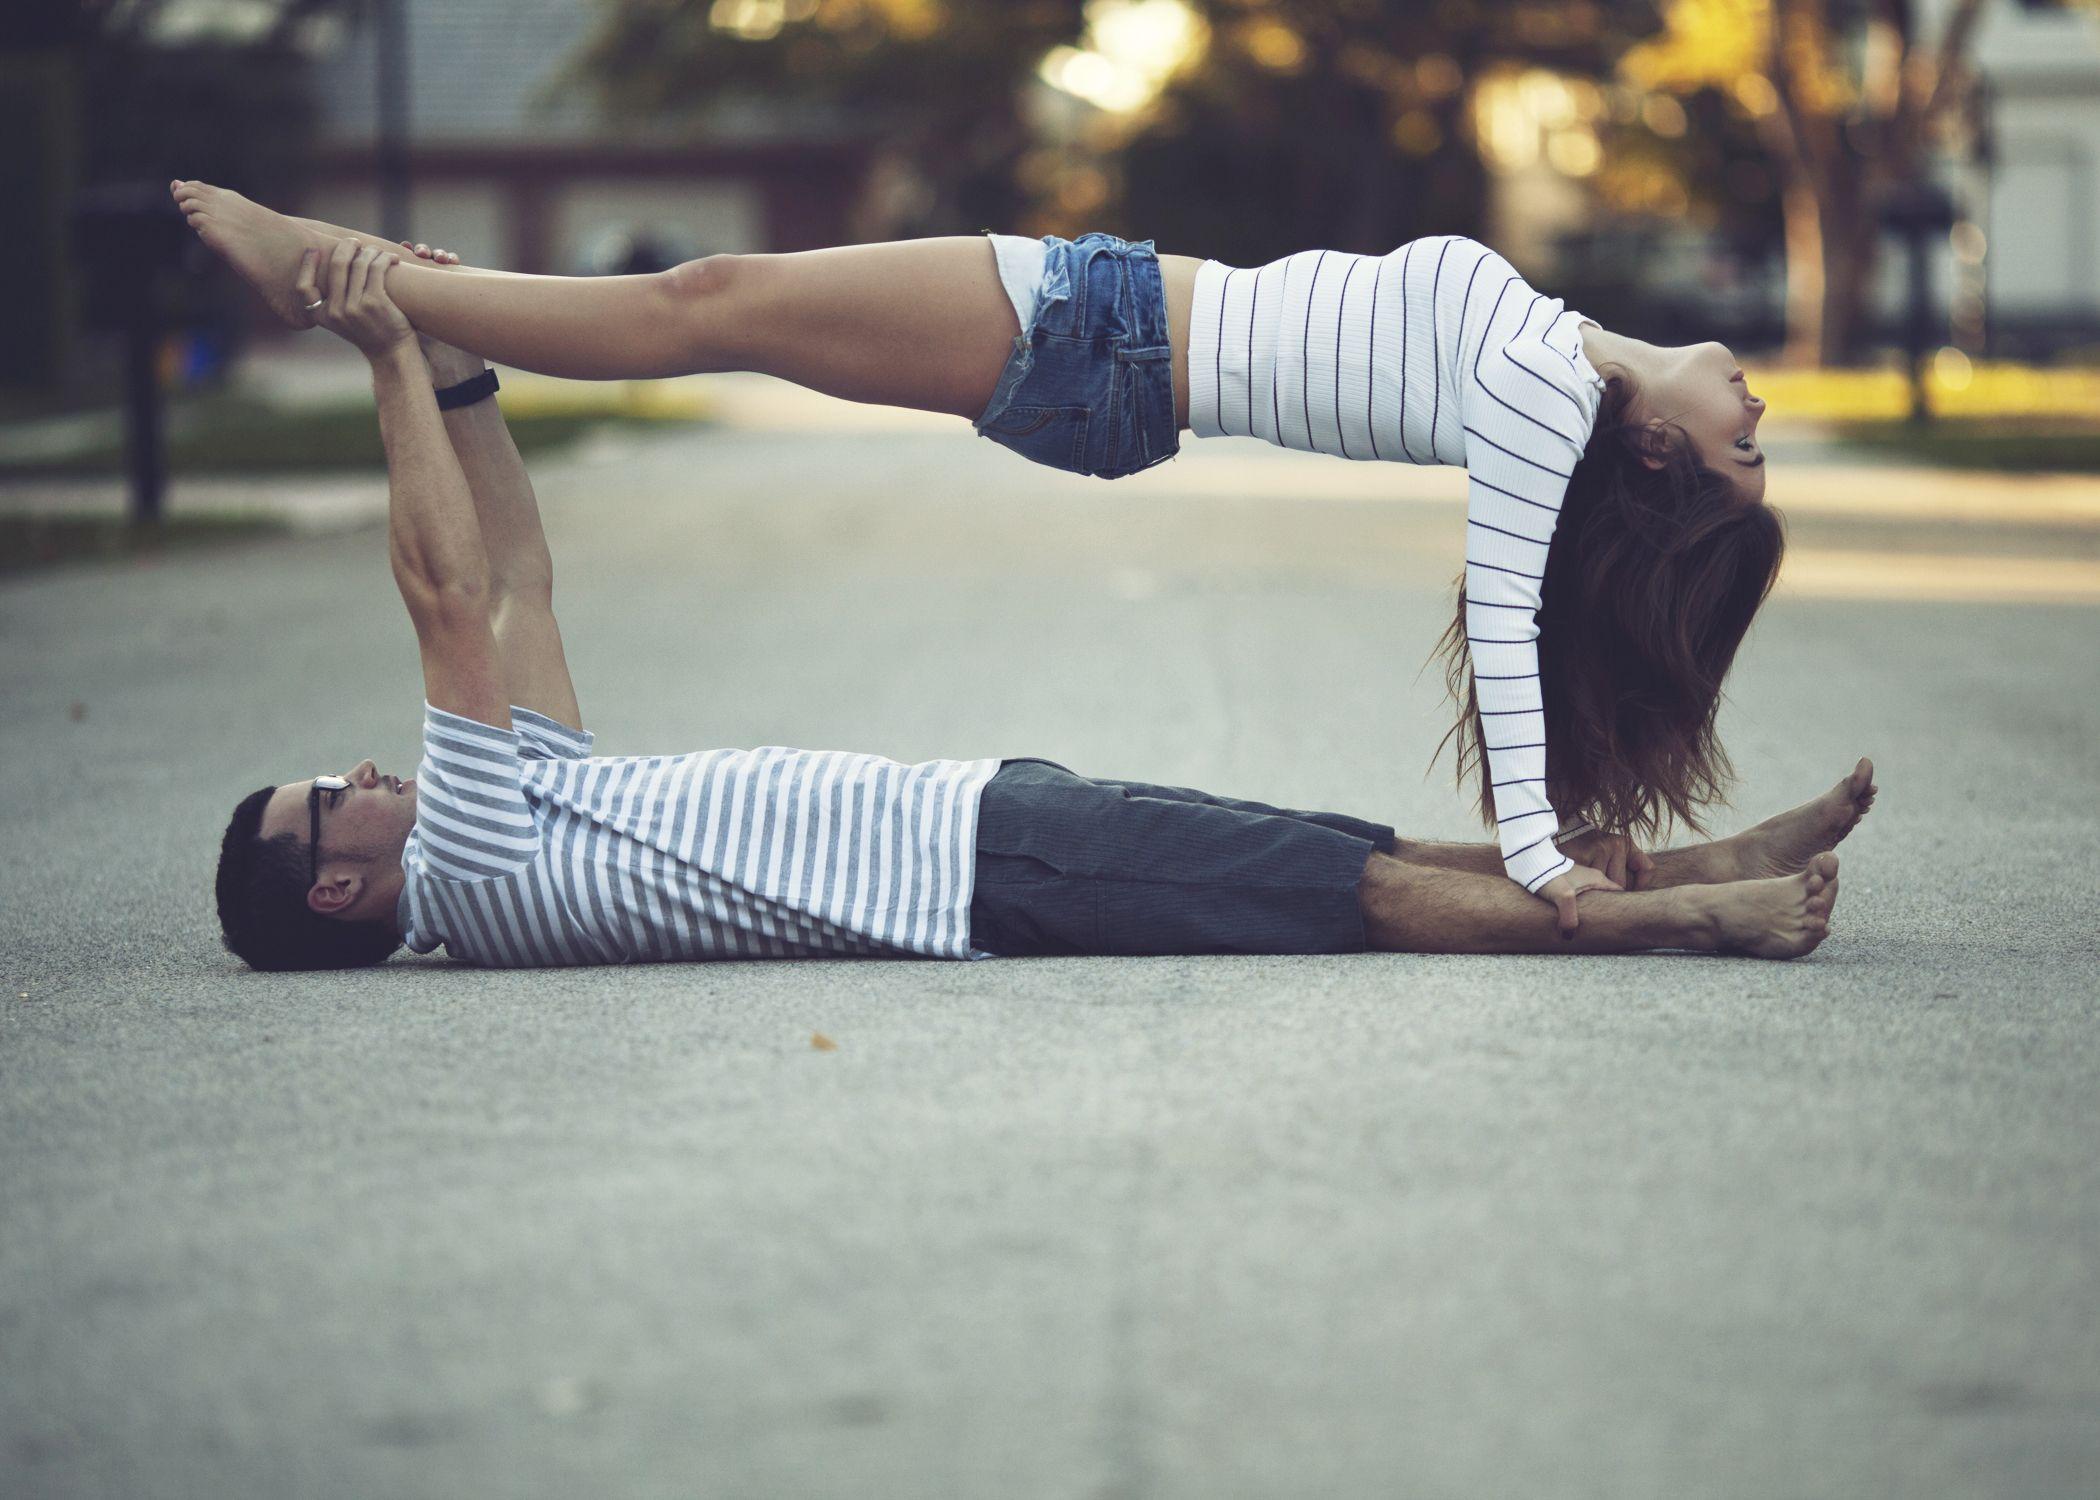 105 365 Couples Yoga Poses Yoga Poses For Two Yoga Challenge Poses